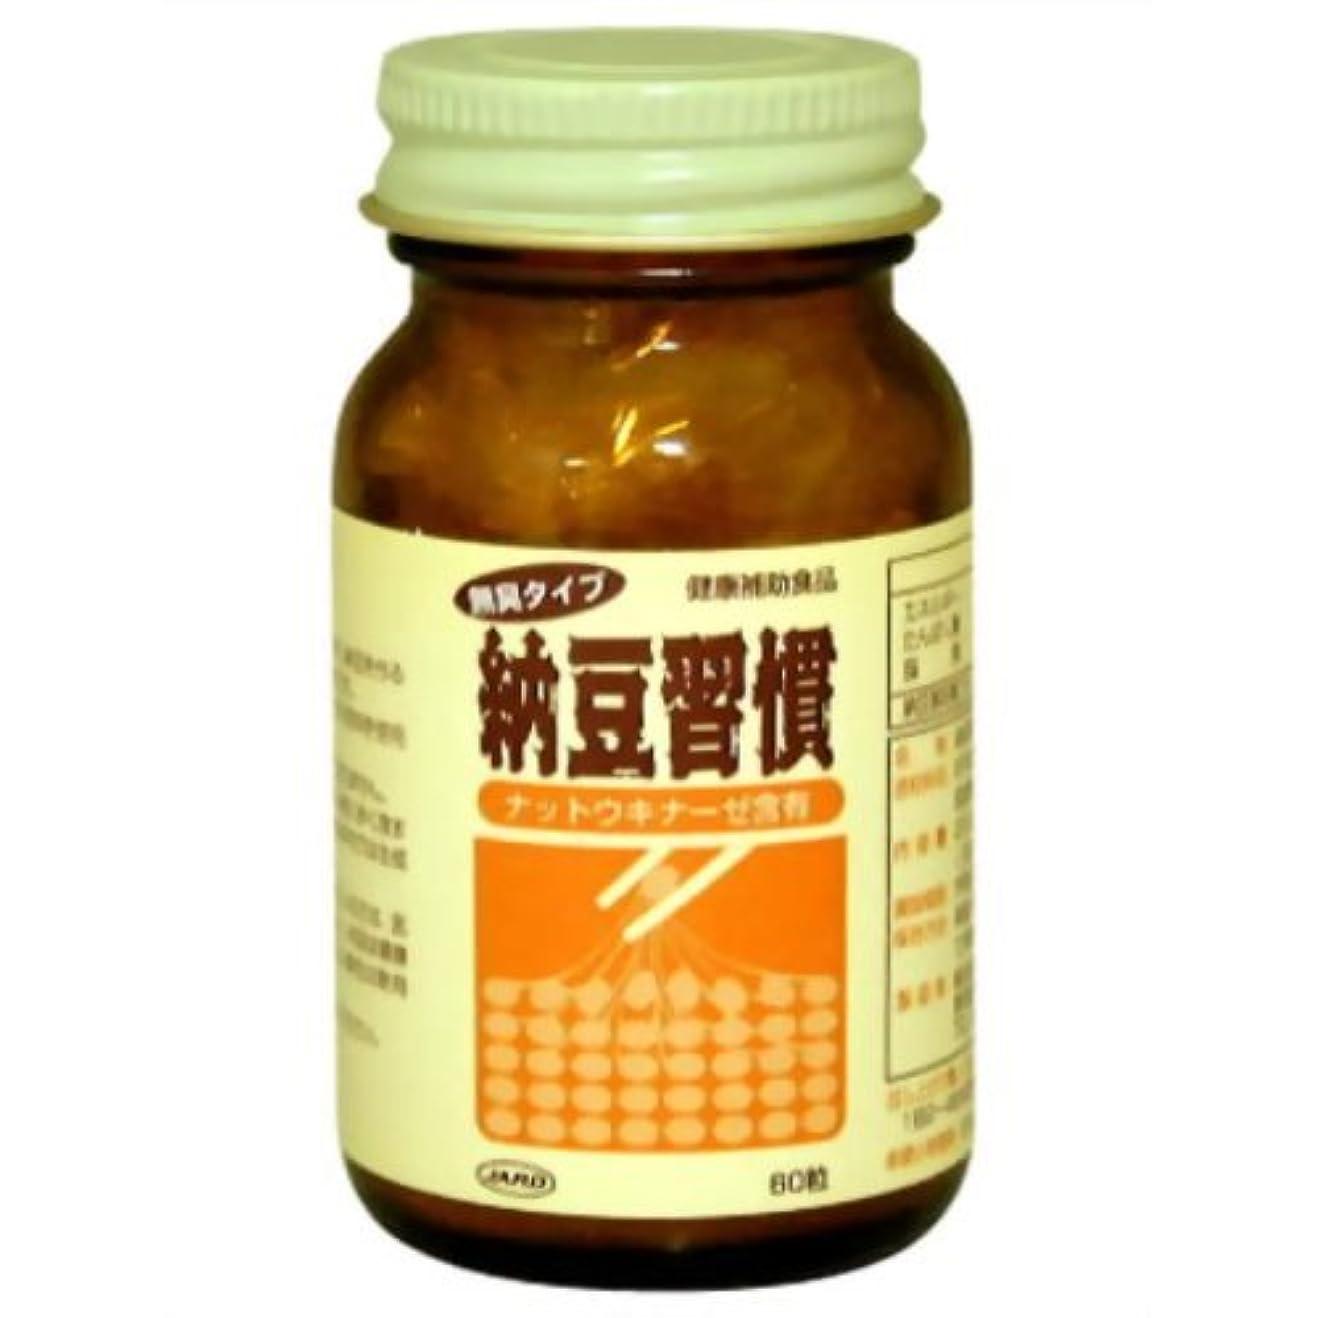 涙が出るロードハウス受動的納豆習慣 ナットウキナーゼ含有